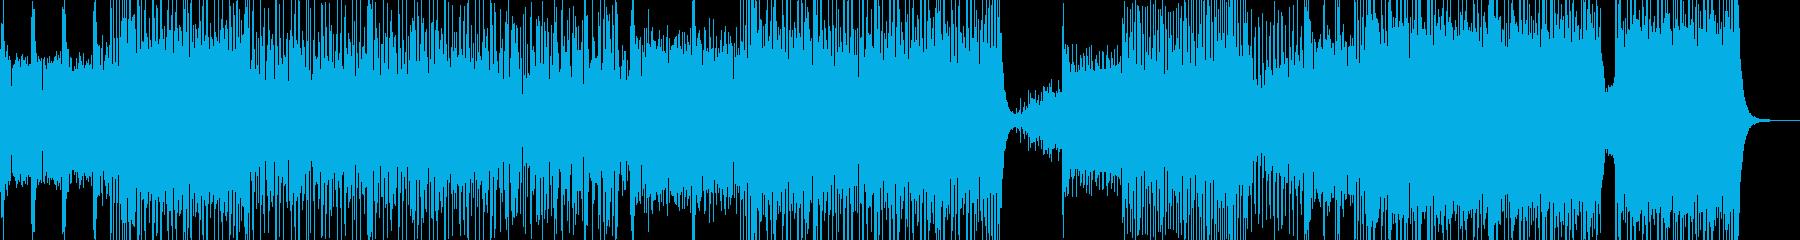 踊り明かす・駆け抜ける爽快なEDM 短尺の再生済みの波形